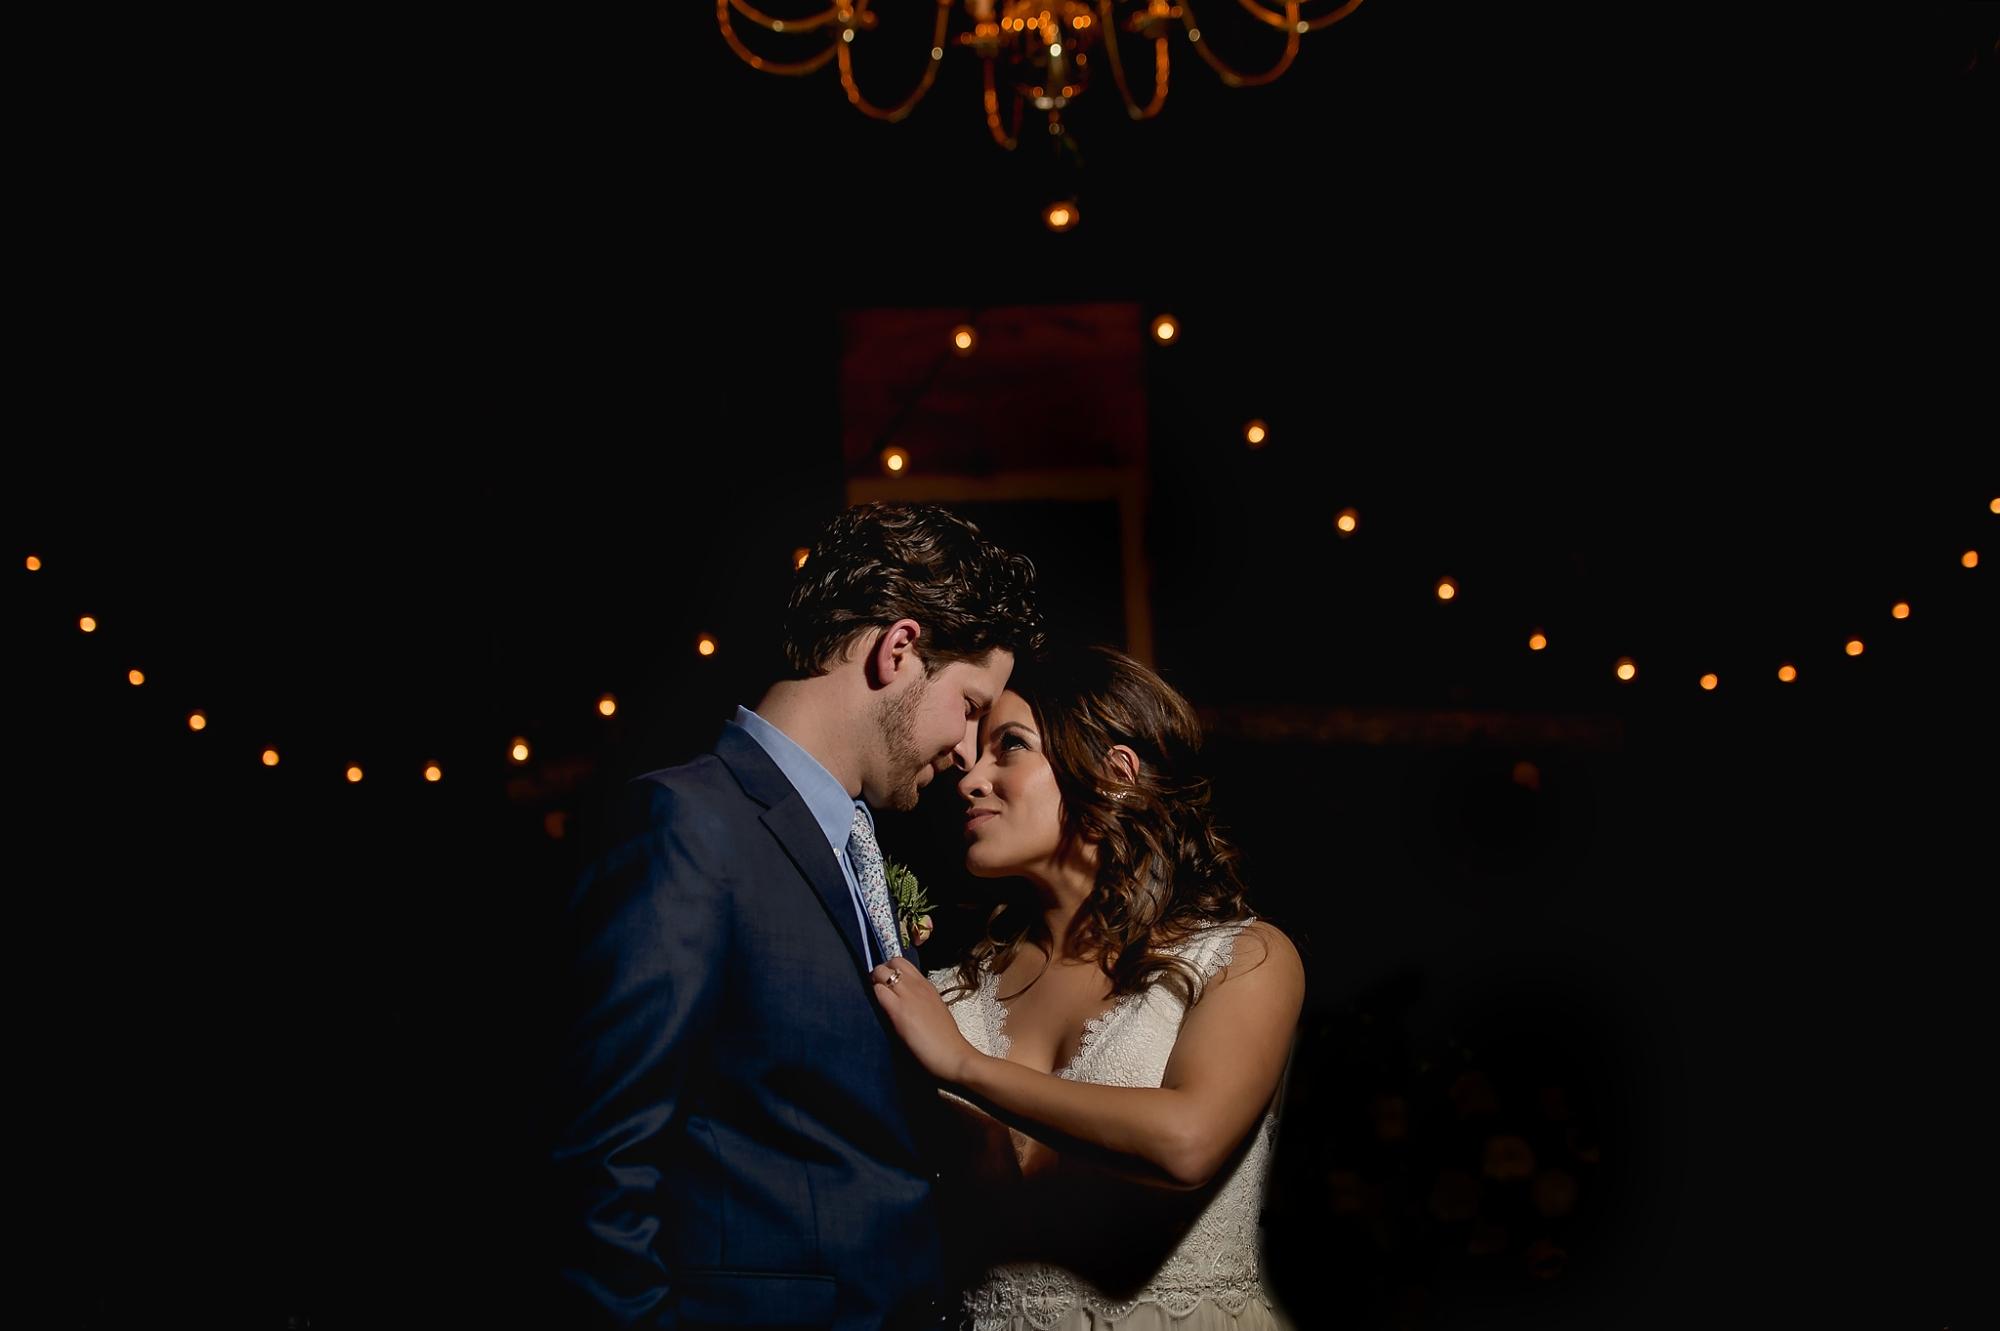 Jacks-Barn-Wedding-Photography35